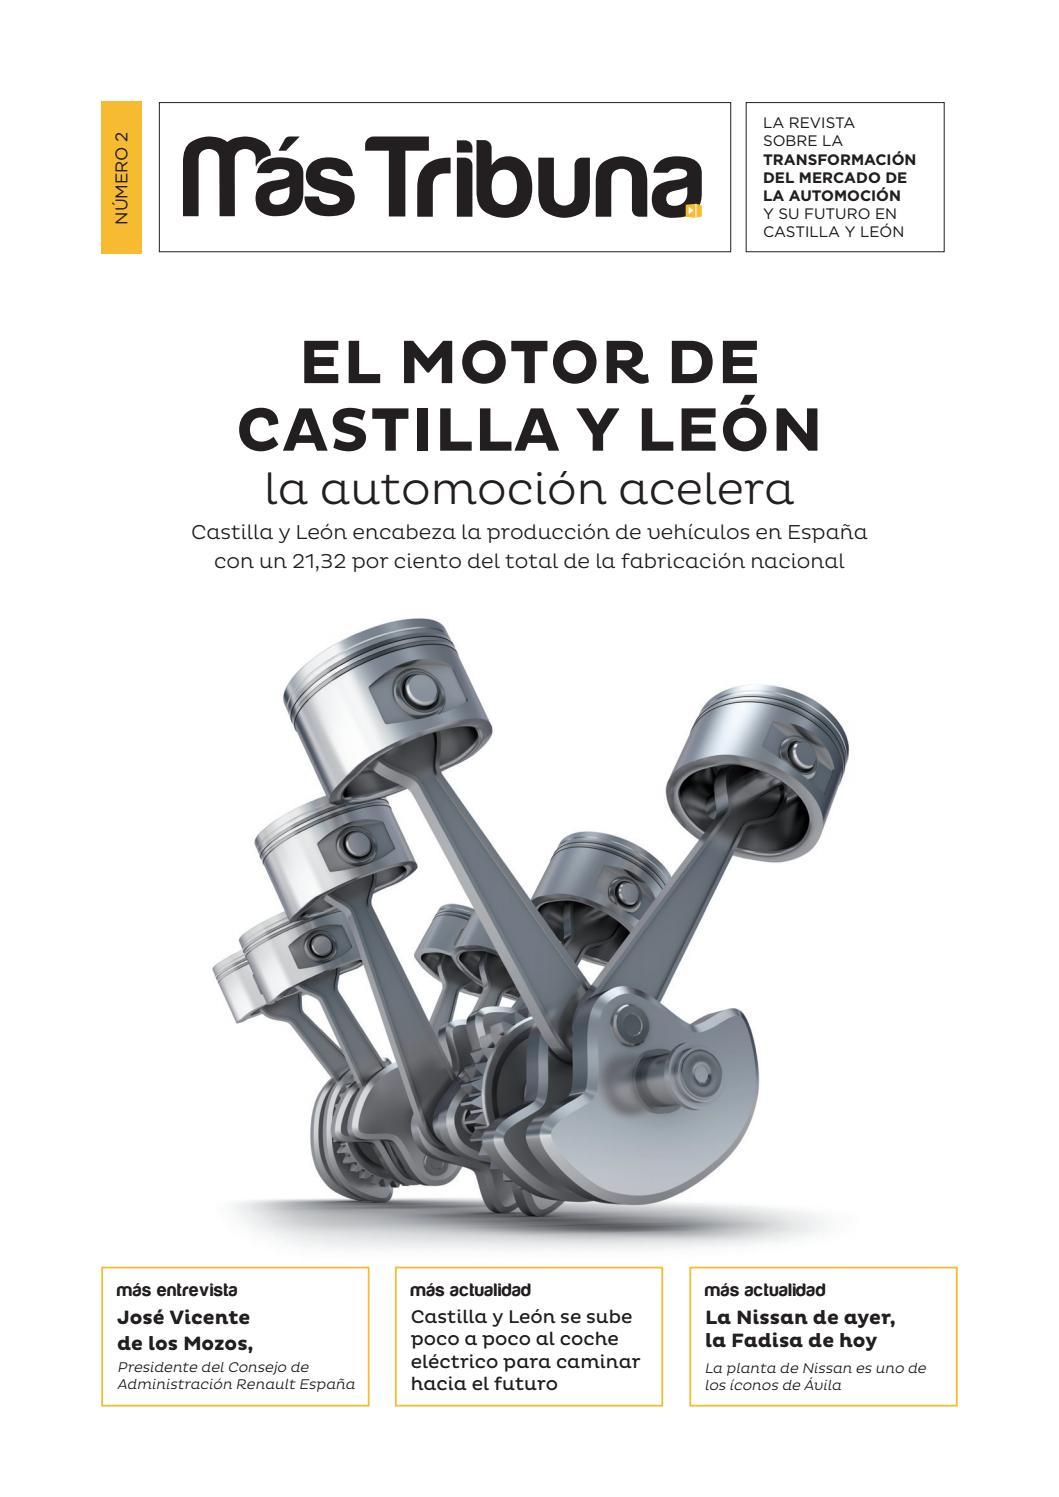 47b1e58e3 MAS TRIBUNA Nº2 - AUTOMOCION EN CASTILLA Y LEÓN by Tribuna Contenidos  Digitales - issuu